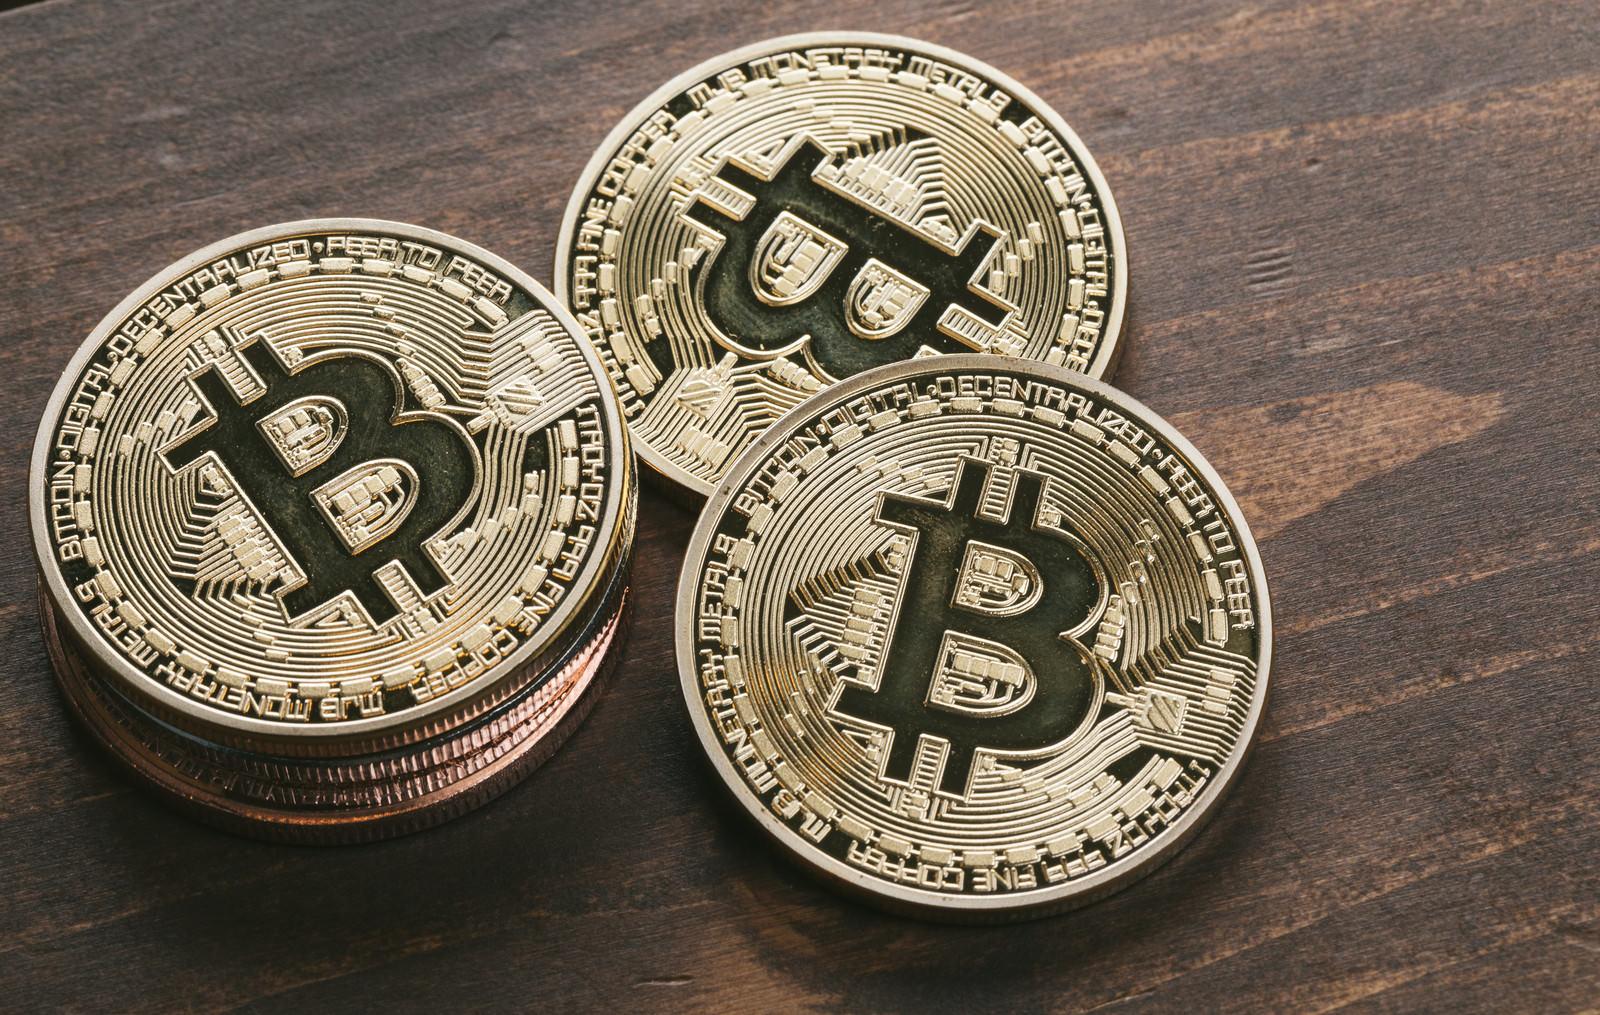 「高騰を続けるビットコイン価格高騰を続けるビットコイン価格」のフリー写真素材を拡大